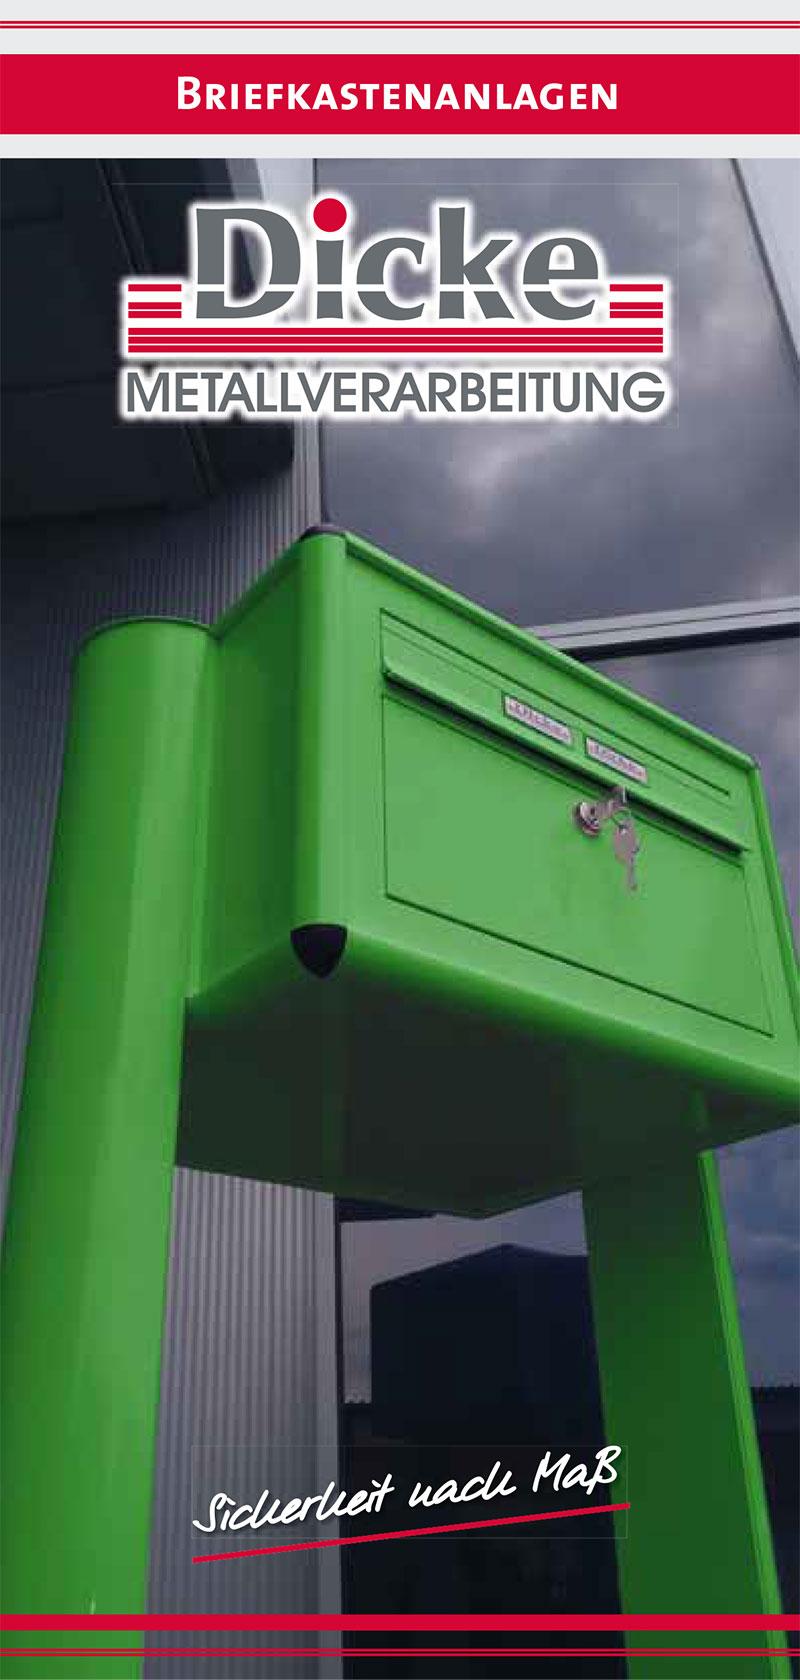 Dicke Metallverarbeitung - Briefkastenanlagen